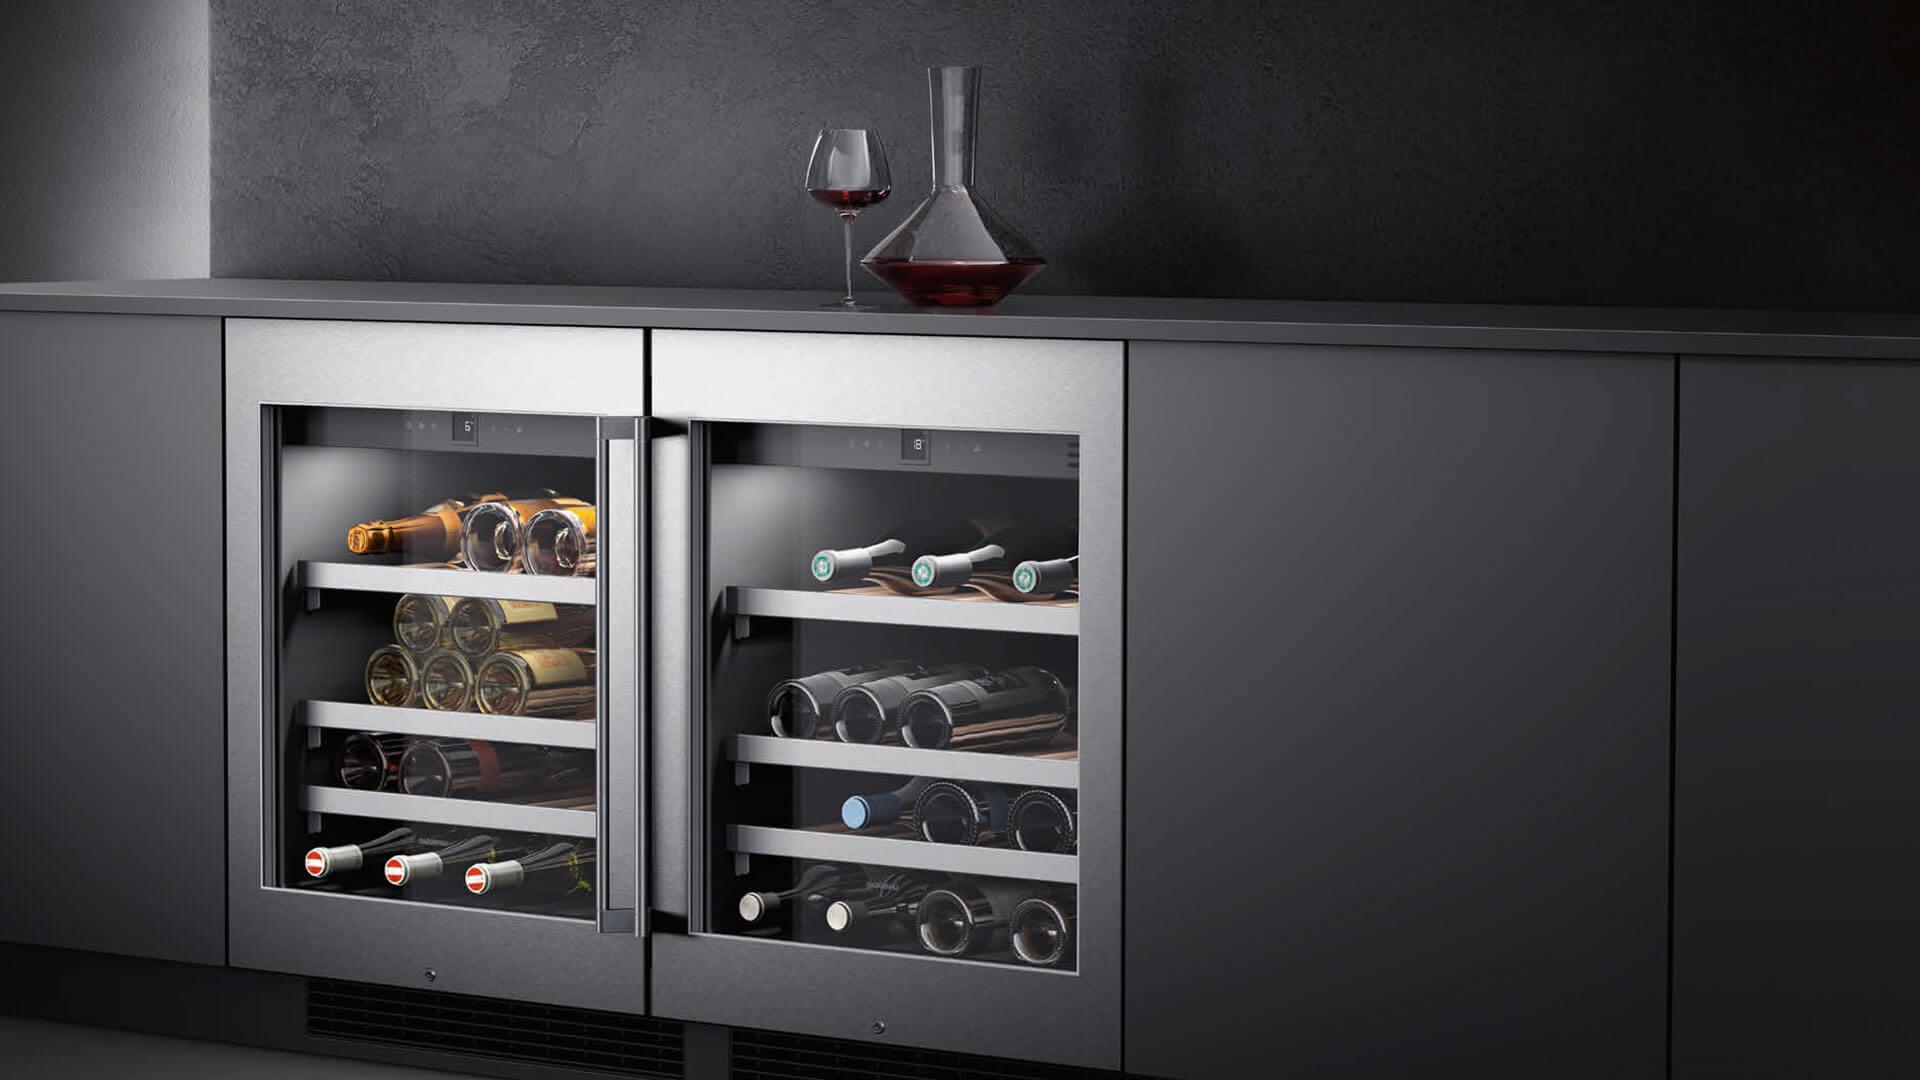 Kühlschrank Vitrine : Ikea küche kühlschrank einbauen gaggenau küche outdoor küche mit